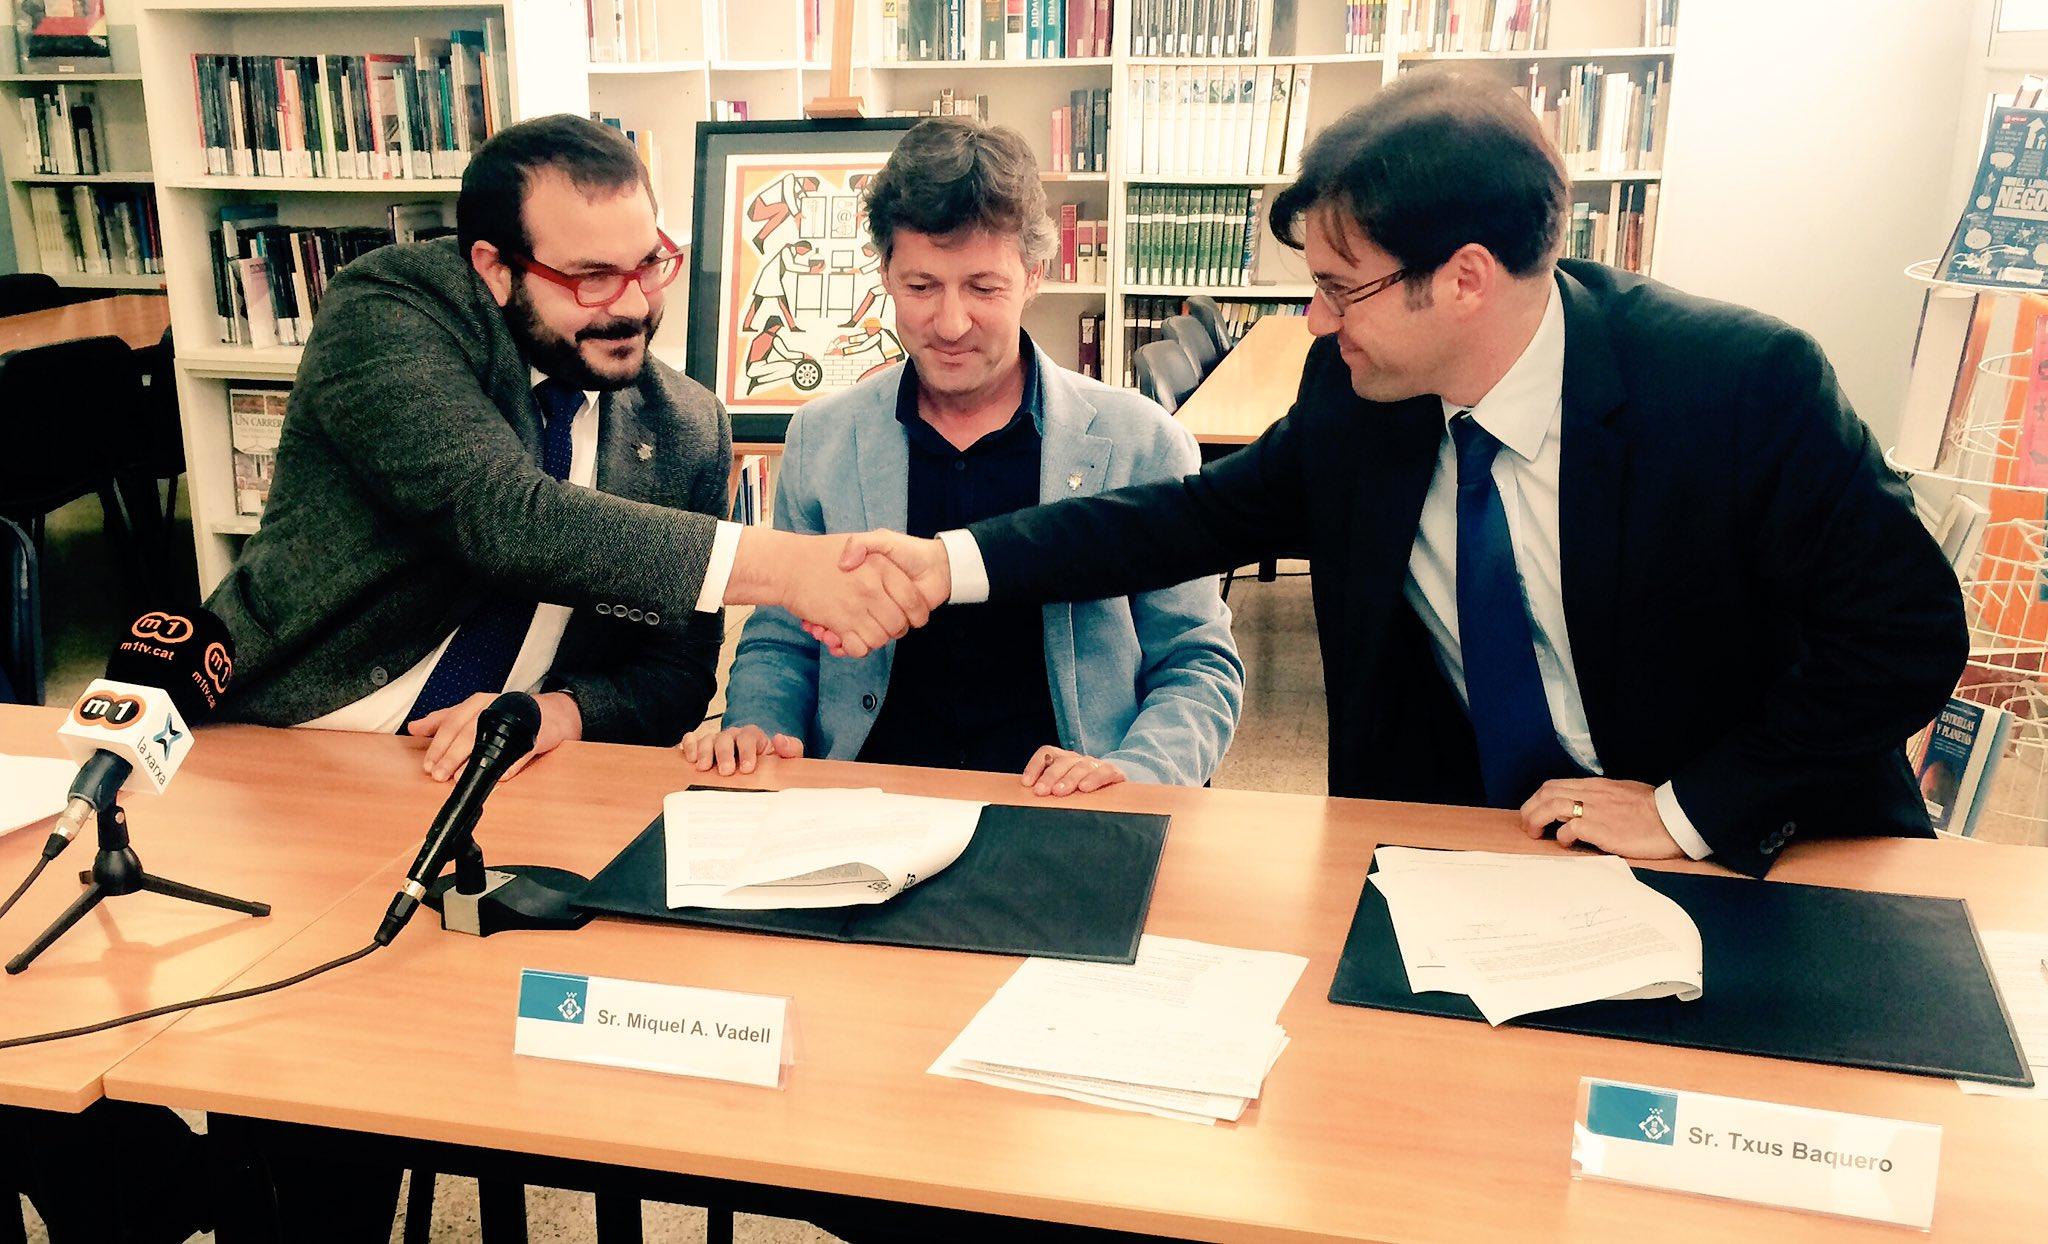 L'alcalde de la ciutat, sr. David Bote, va presidir, el passat divendres dia 17 de març,  la signatura d'un conveni per a la FP dual entre l'empresa Multivac Production S.L. i l'INS Miquel Biada.